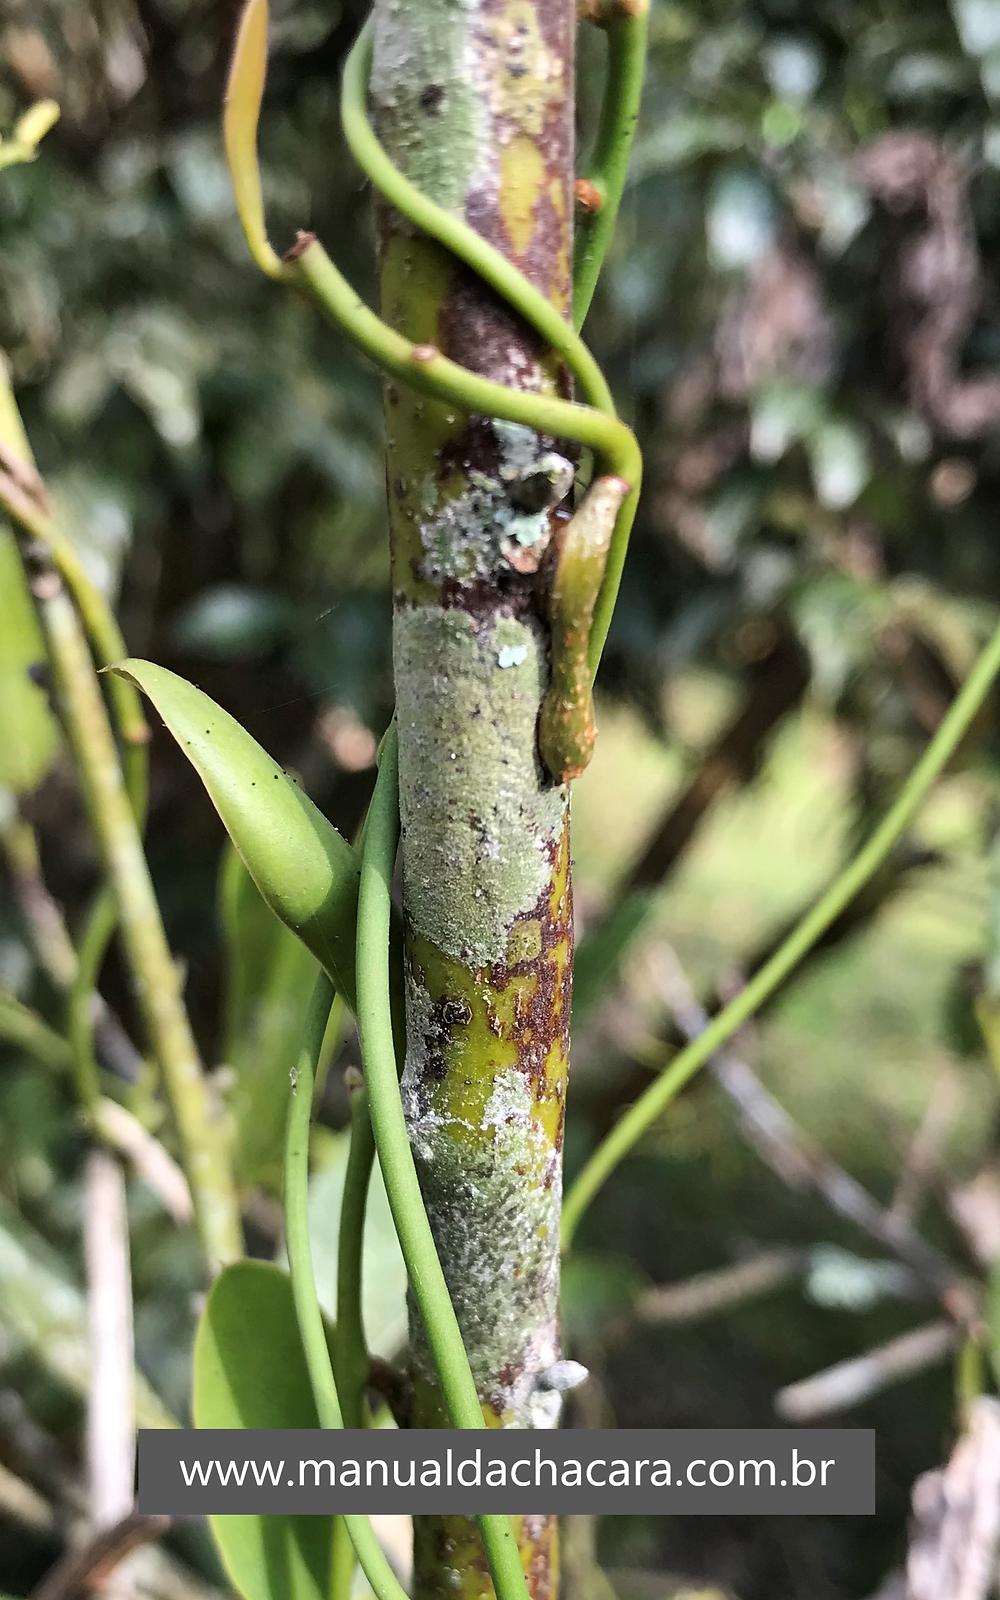 A foto mostra um caule de louro (aquele mesmo cujas folhas são utilizadas no feijão) com uma trepadeira nele enrolada. Essa trepadeira é uma erva de passarinho.